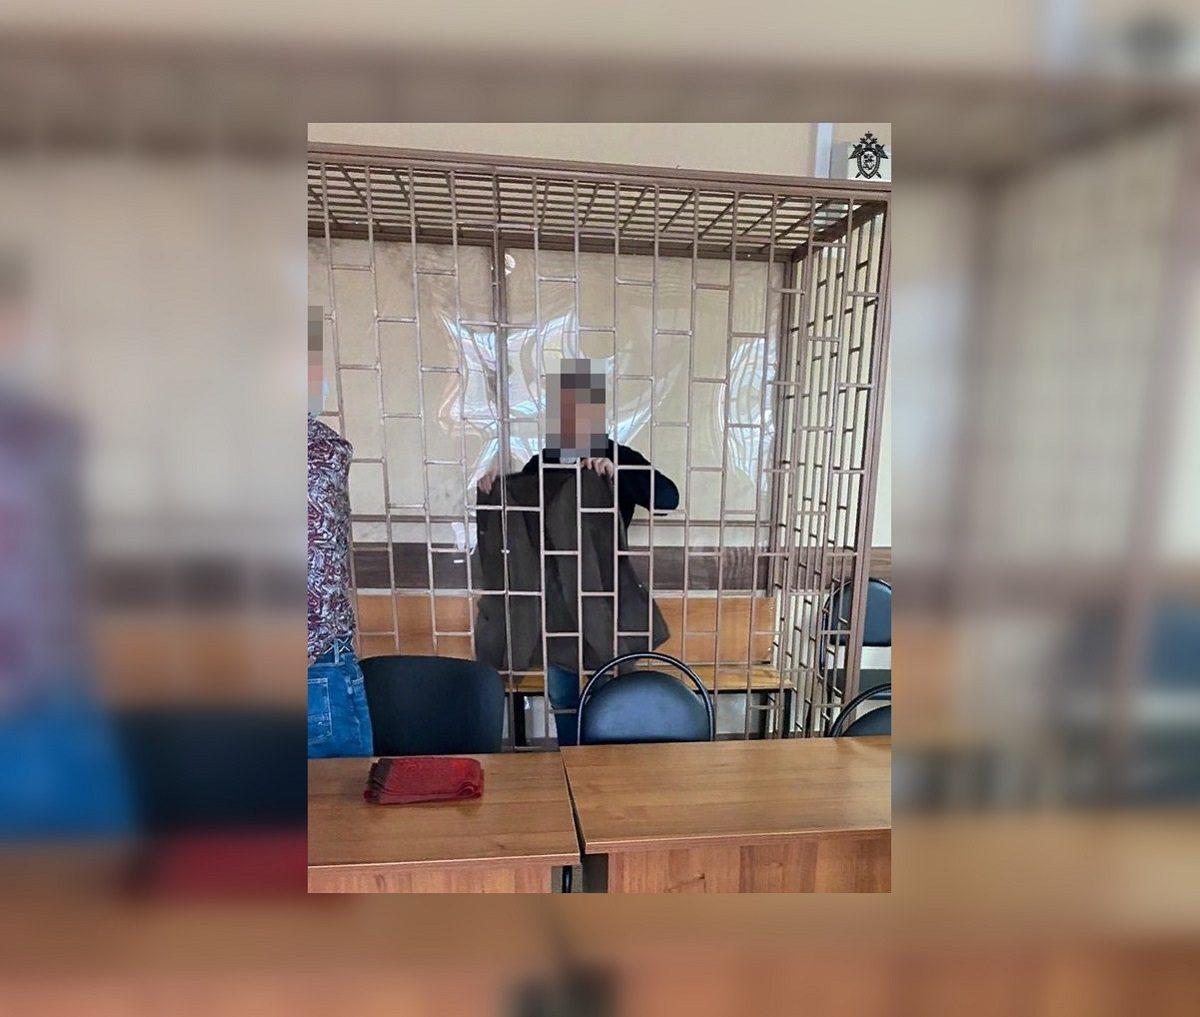 Бывшие сотрудники министерства финансов Нижегородской области оказались на скамье подсудимых